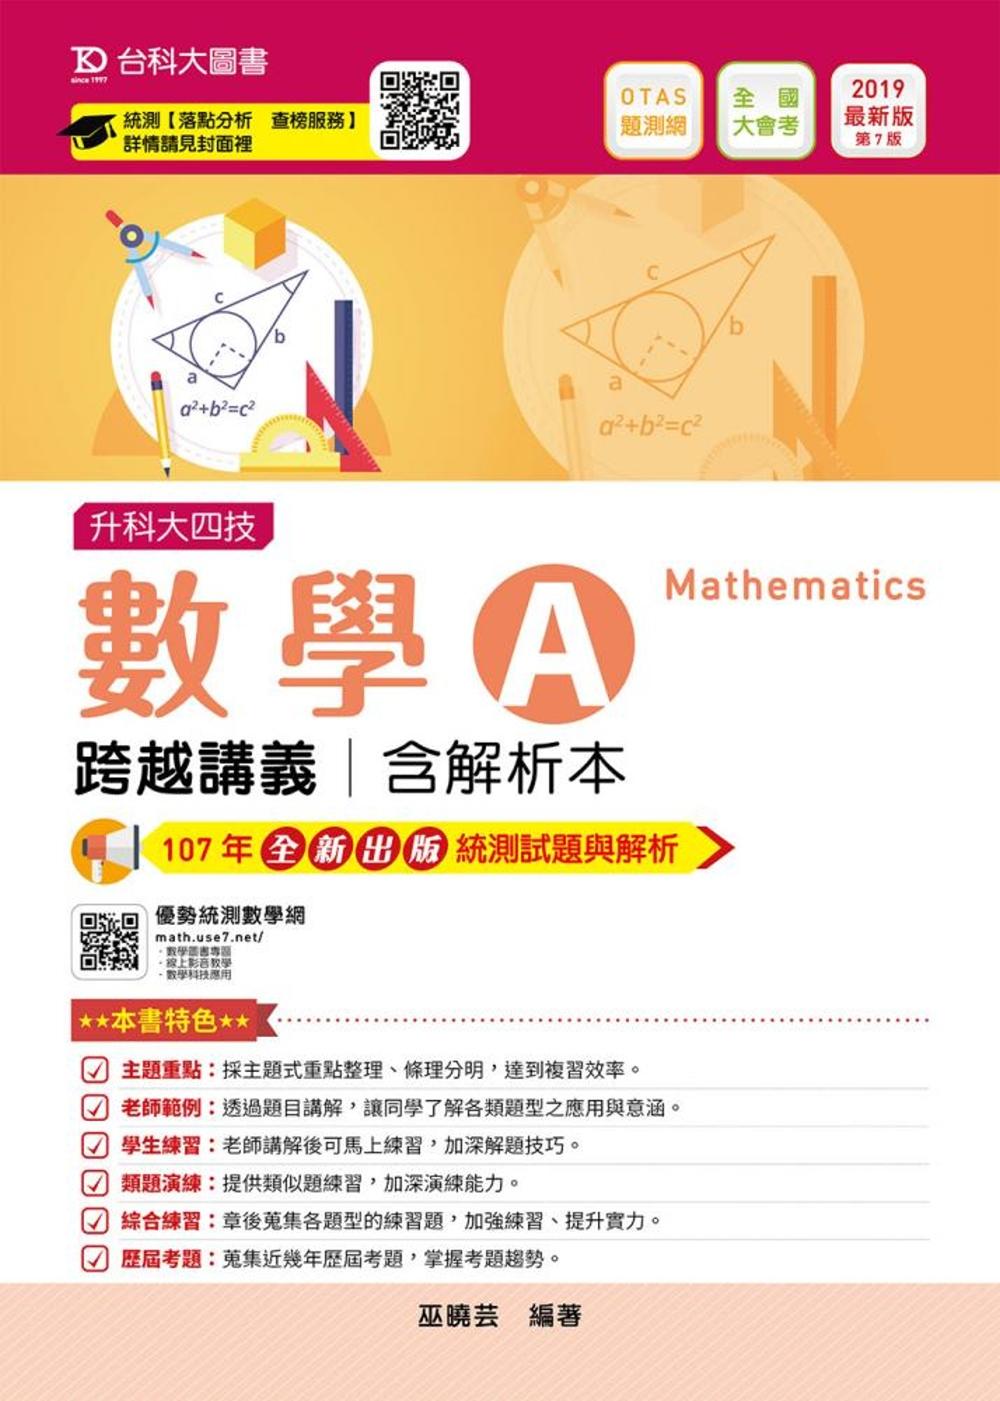 升科大四技數學 A 跨越講義含解析本─2019年最新版〈第七版〉─附贈OTAS題測系統